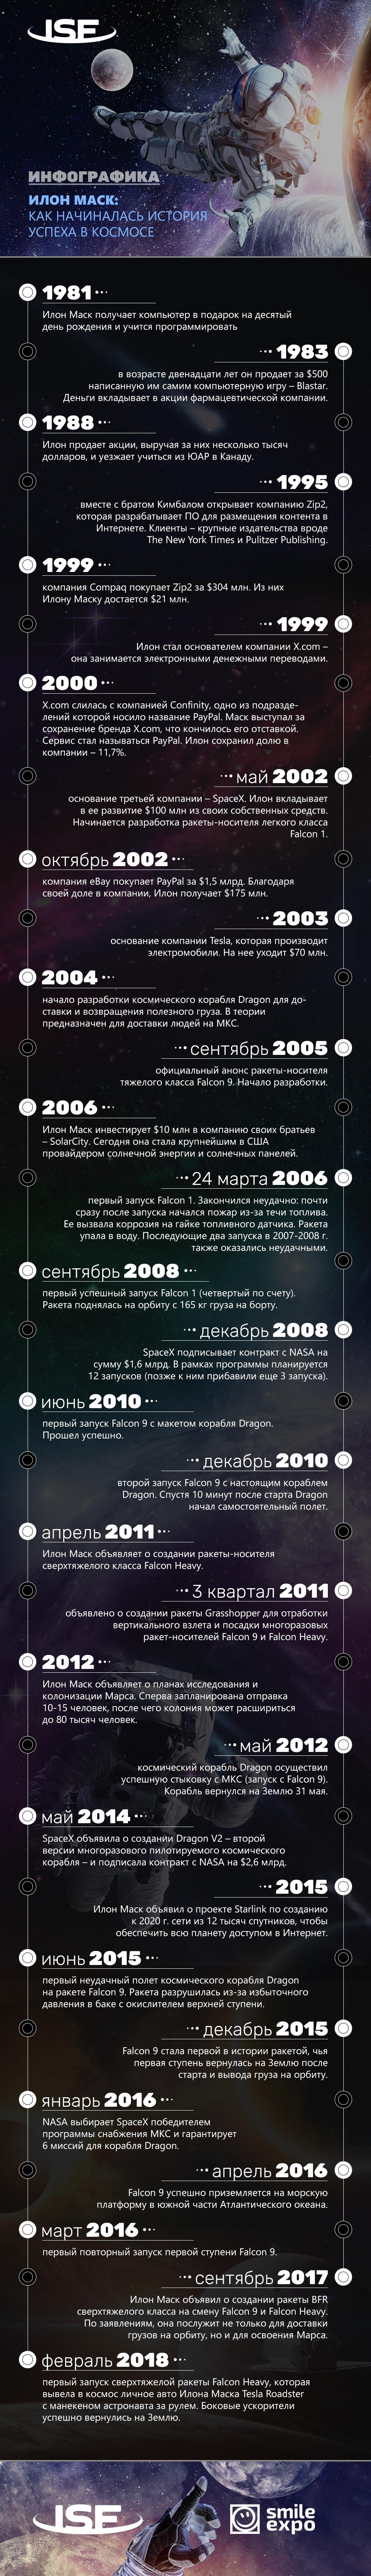 InSpace Forum: Ilon Mask: kak nachinalas istoriya uspeha v kosmose 1